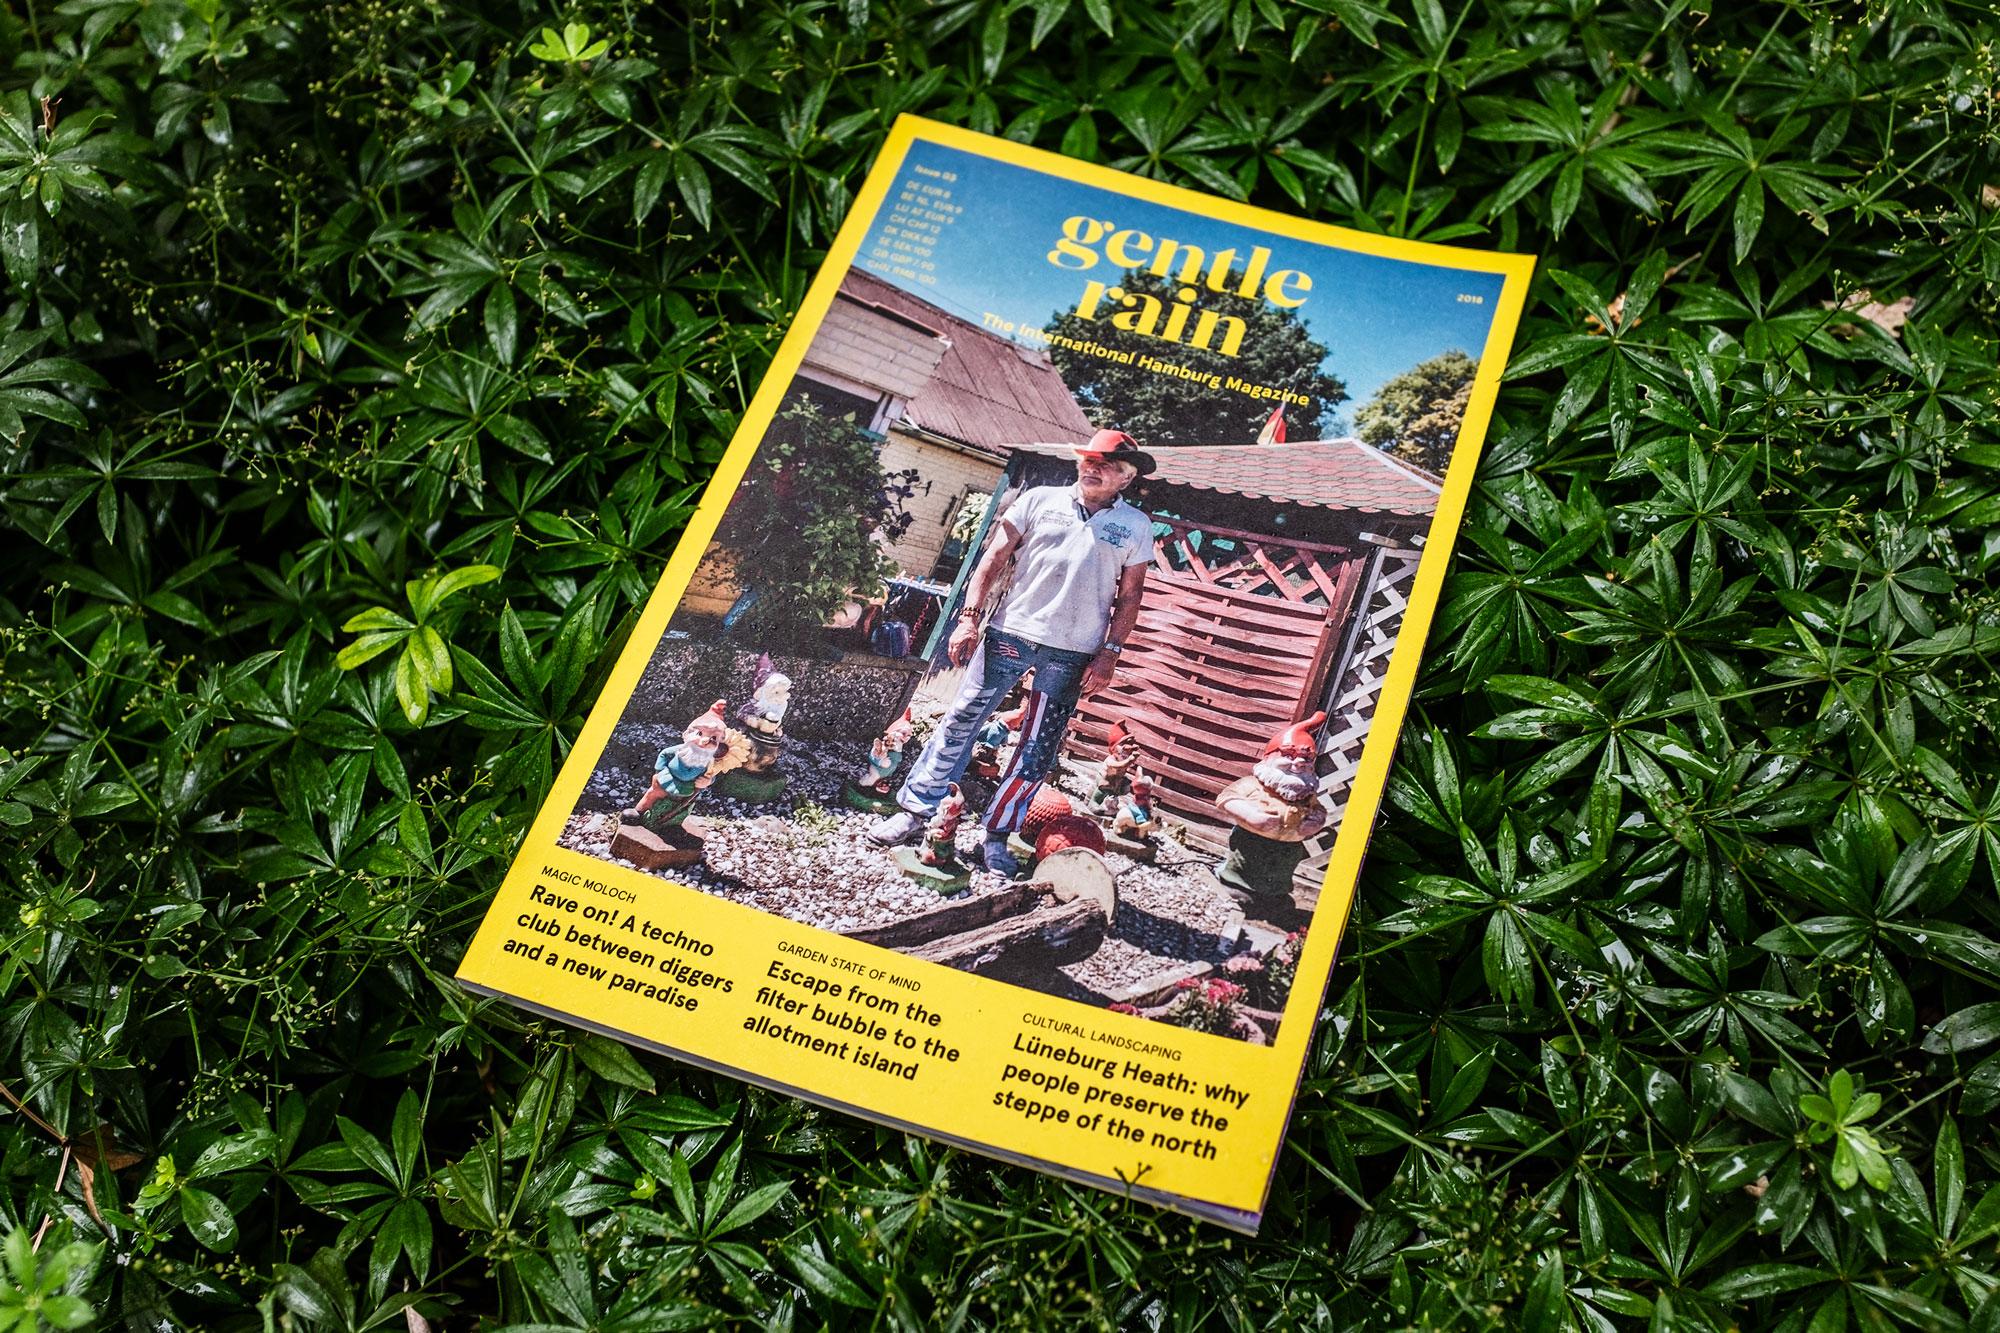 gentle rain - the international hamburg magazine issue 03